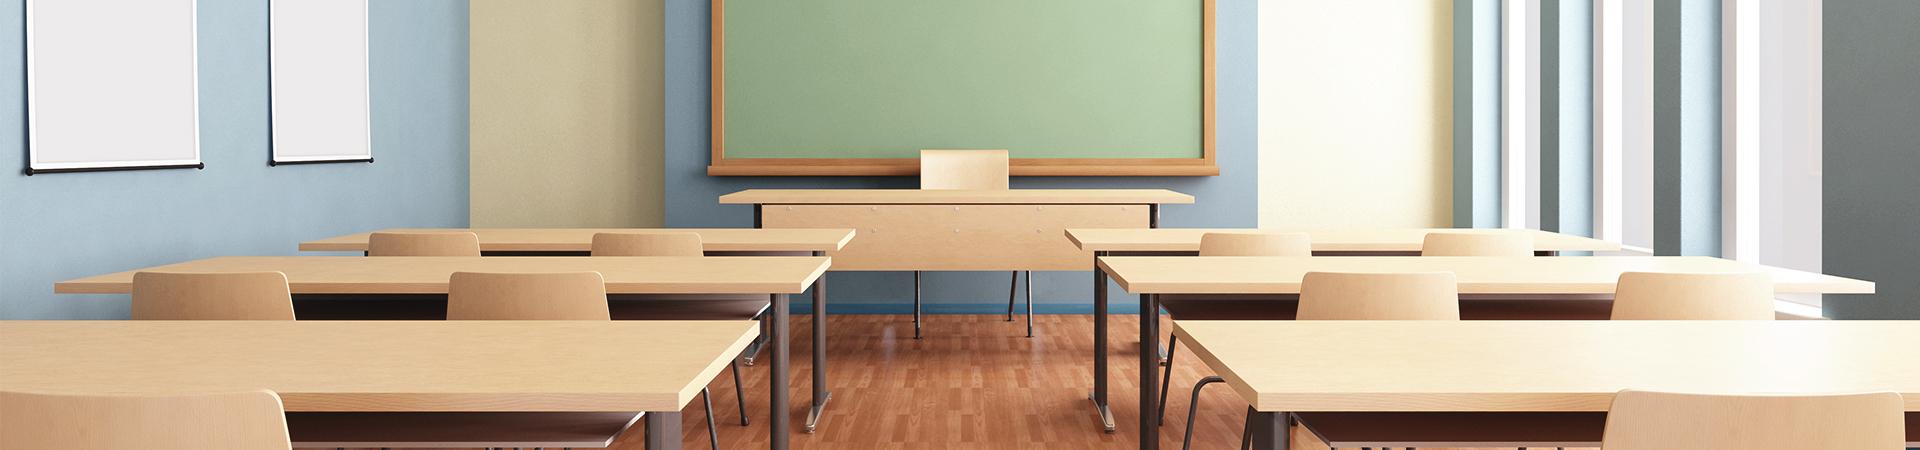 37_Sala-de-aula